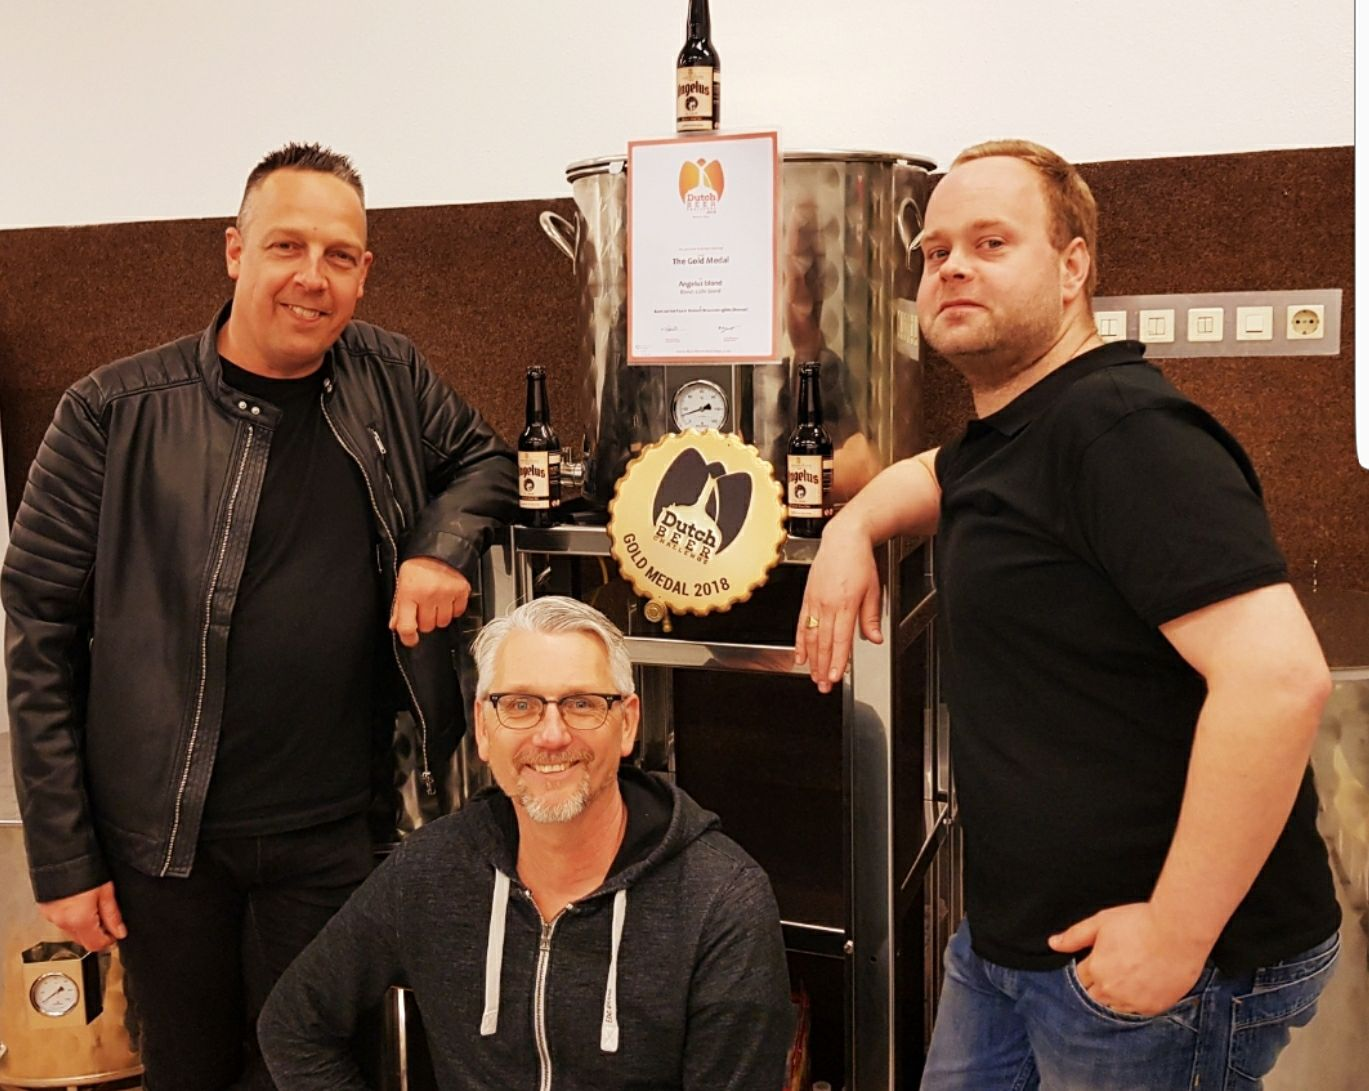 <p>Angelus blond wint goud op Dutch Beer Challenge op 4 april 2018: Ronald Driessen, Marco Zwaan en Maarten Zoetemeijer (v.l.n.r.)</p>